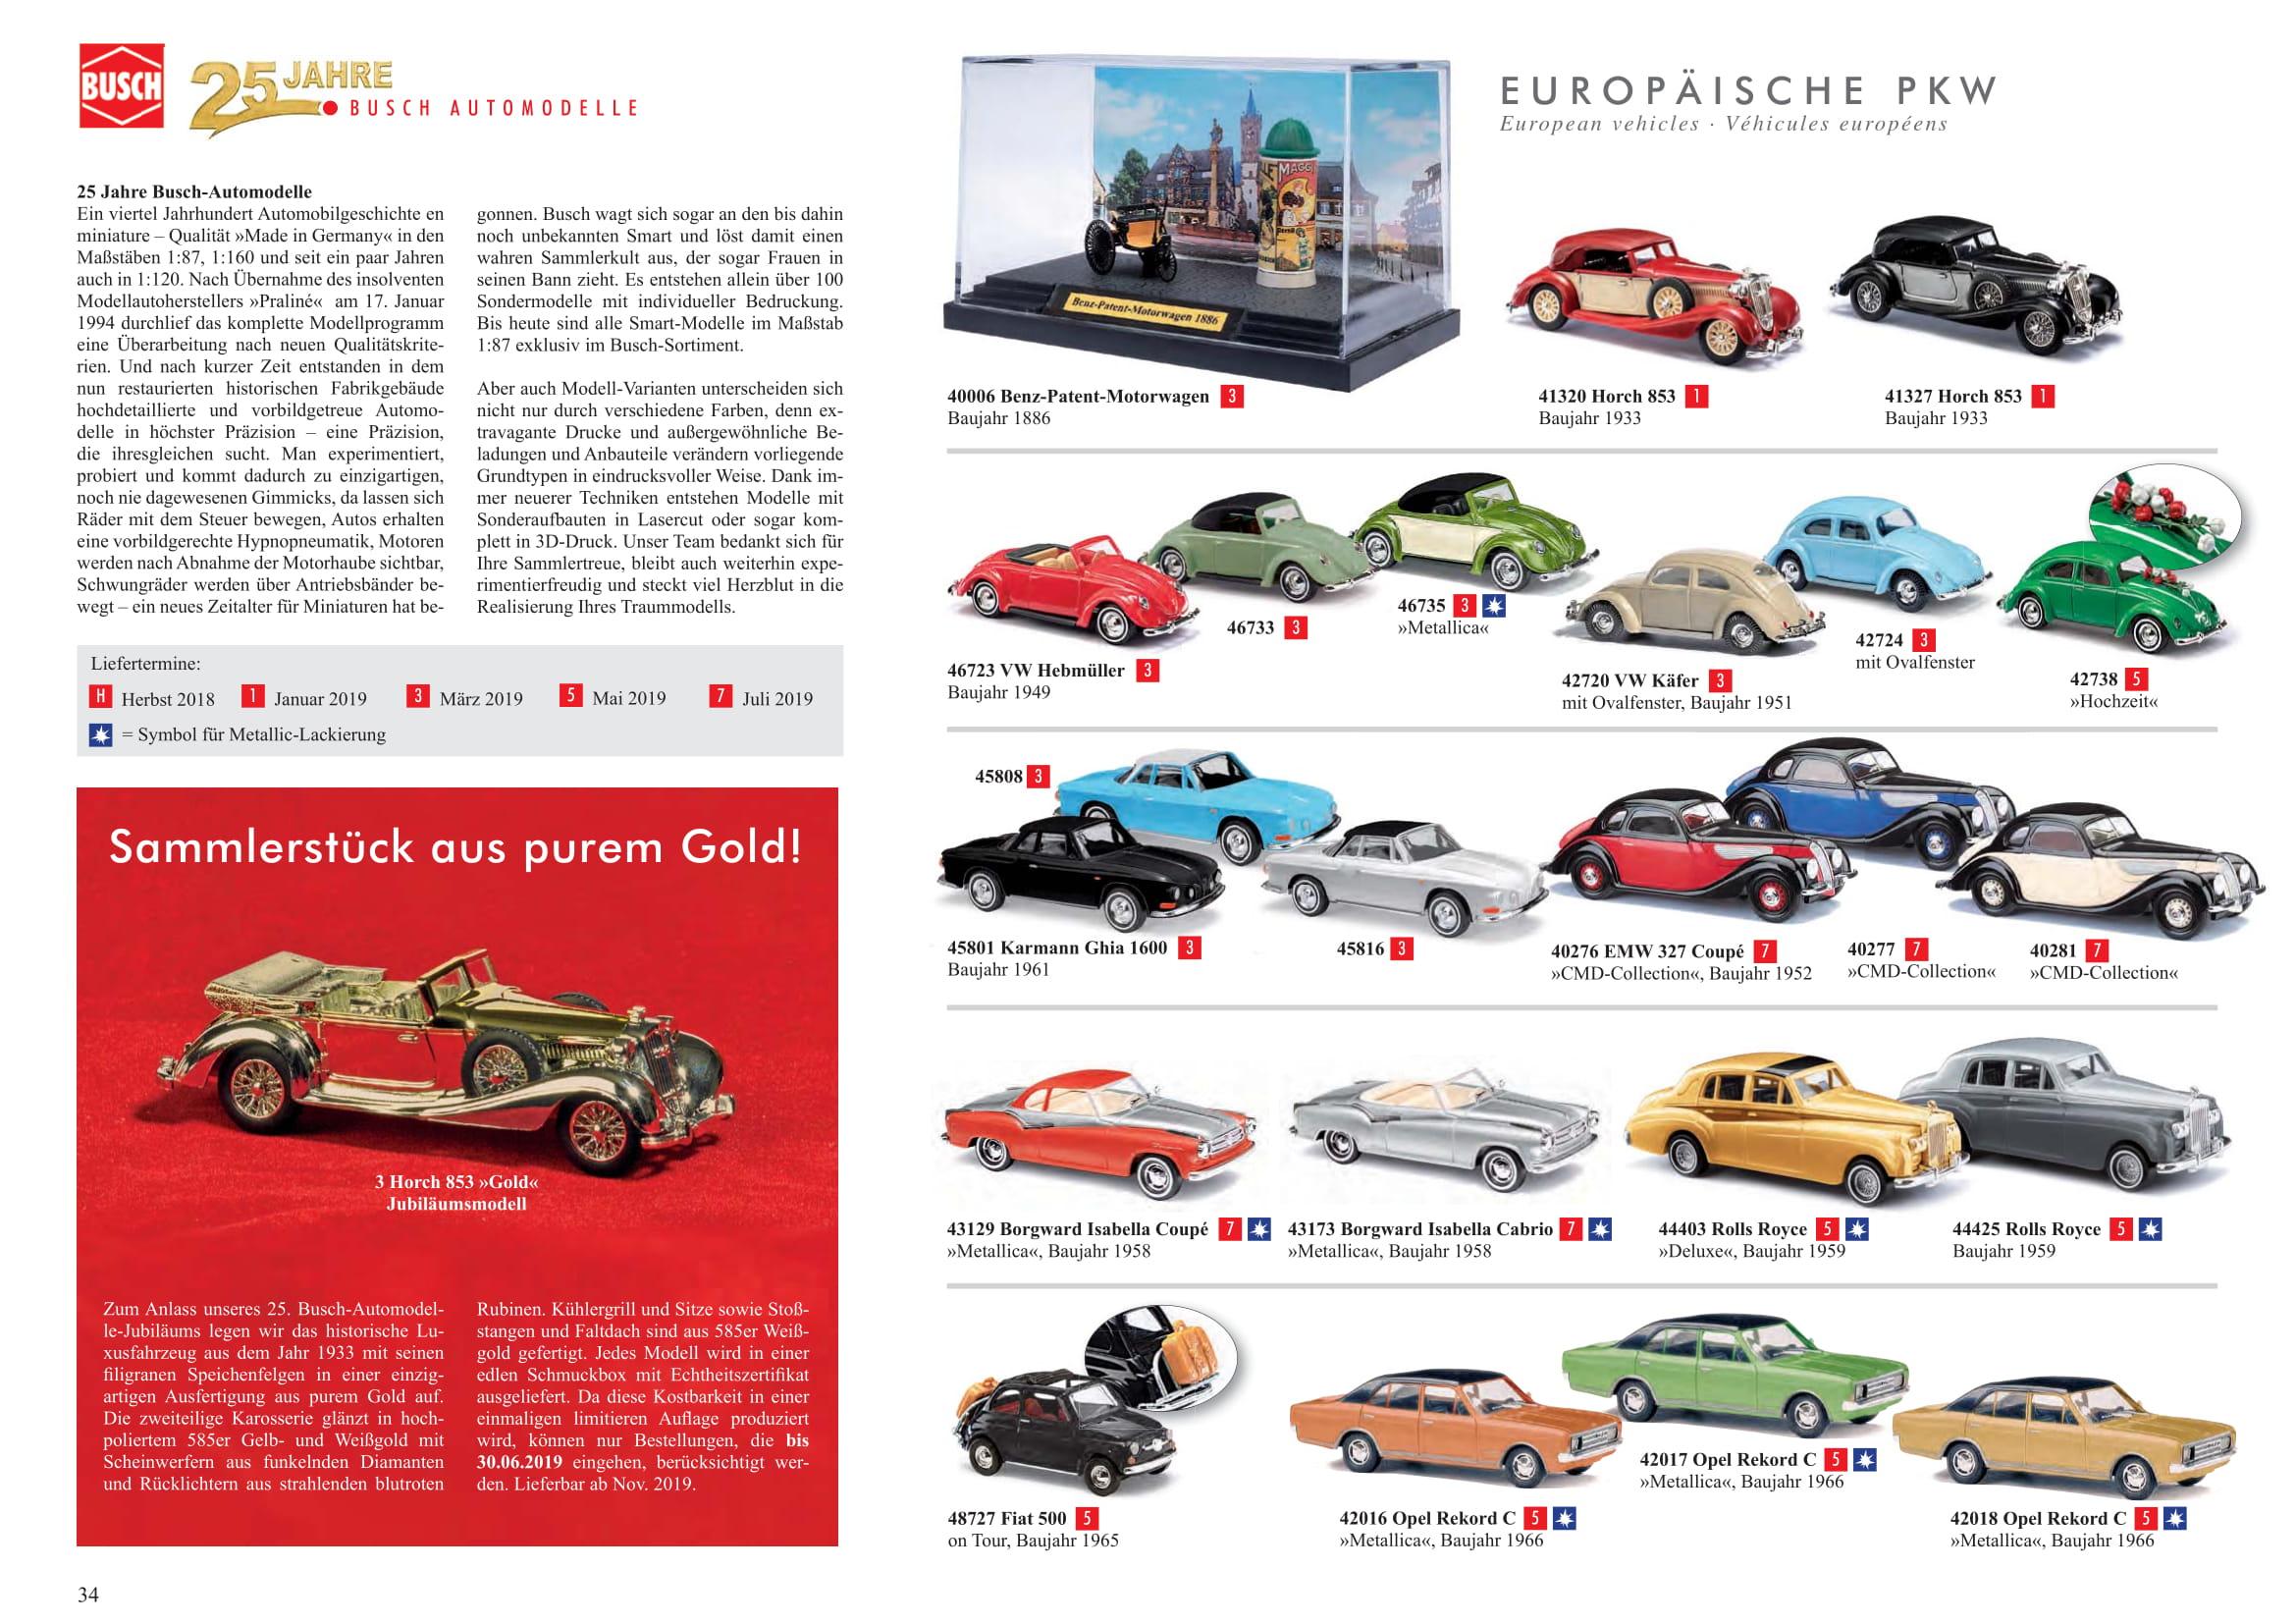 rot Nr Porsche 911 SC Cabriolet Wiking 0162 03-1:87